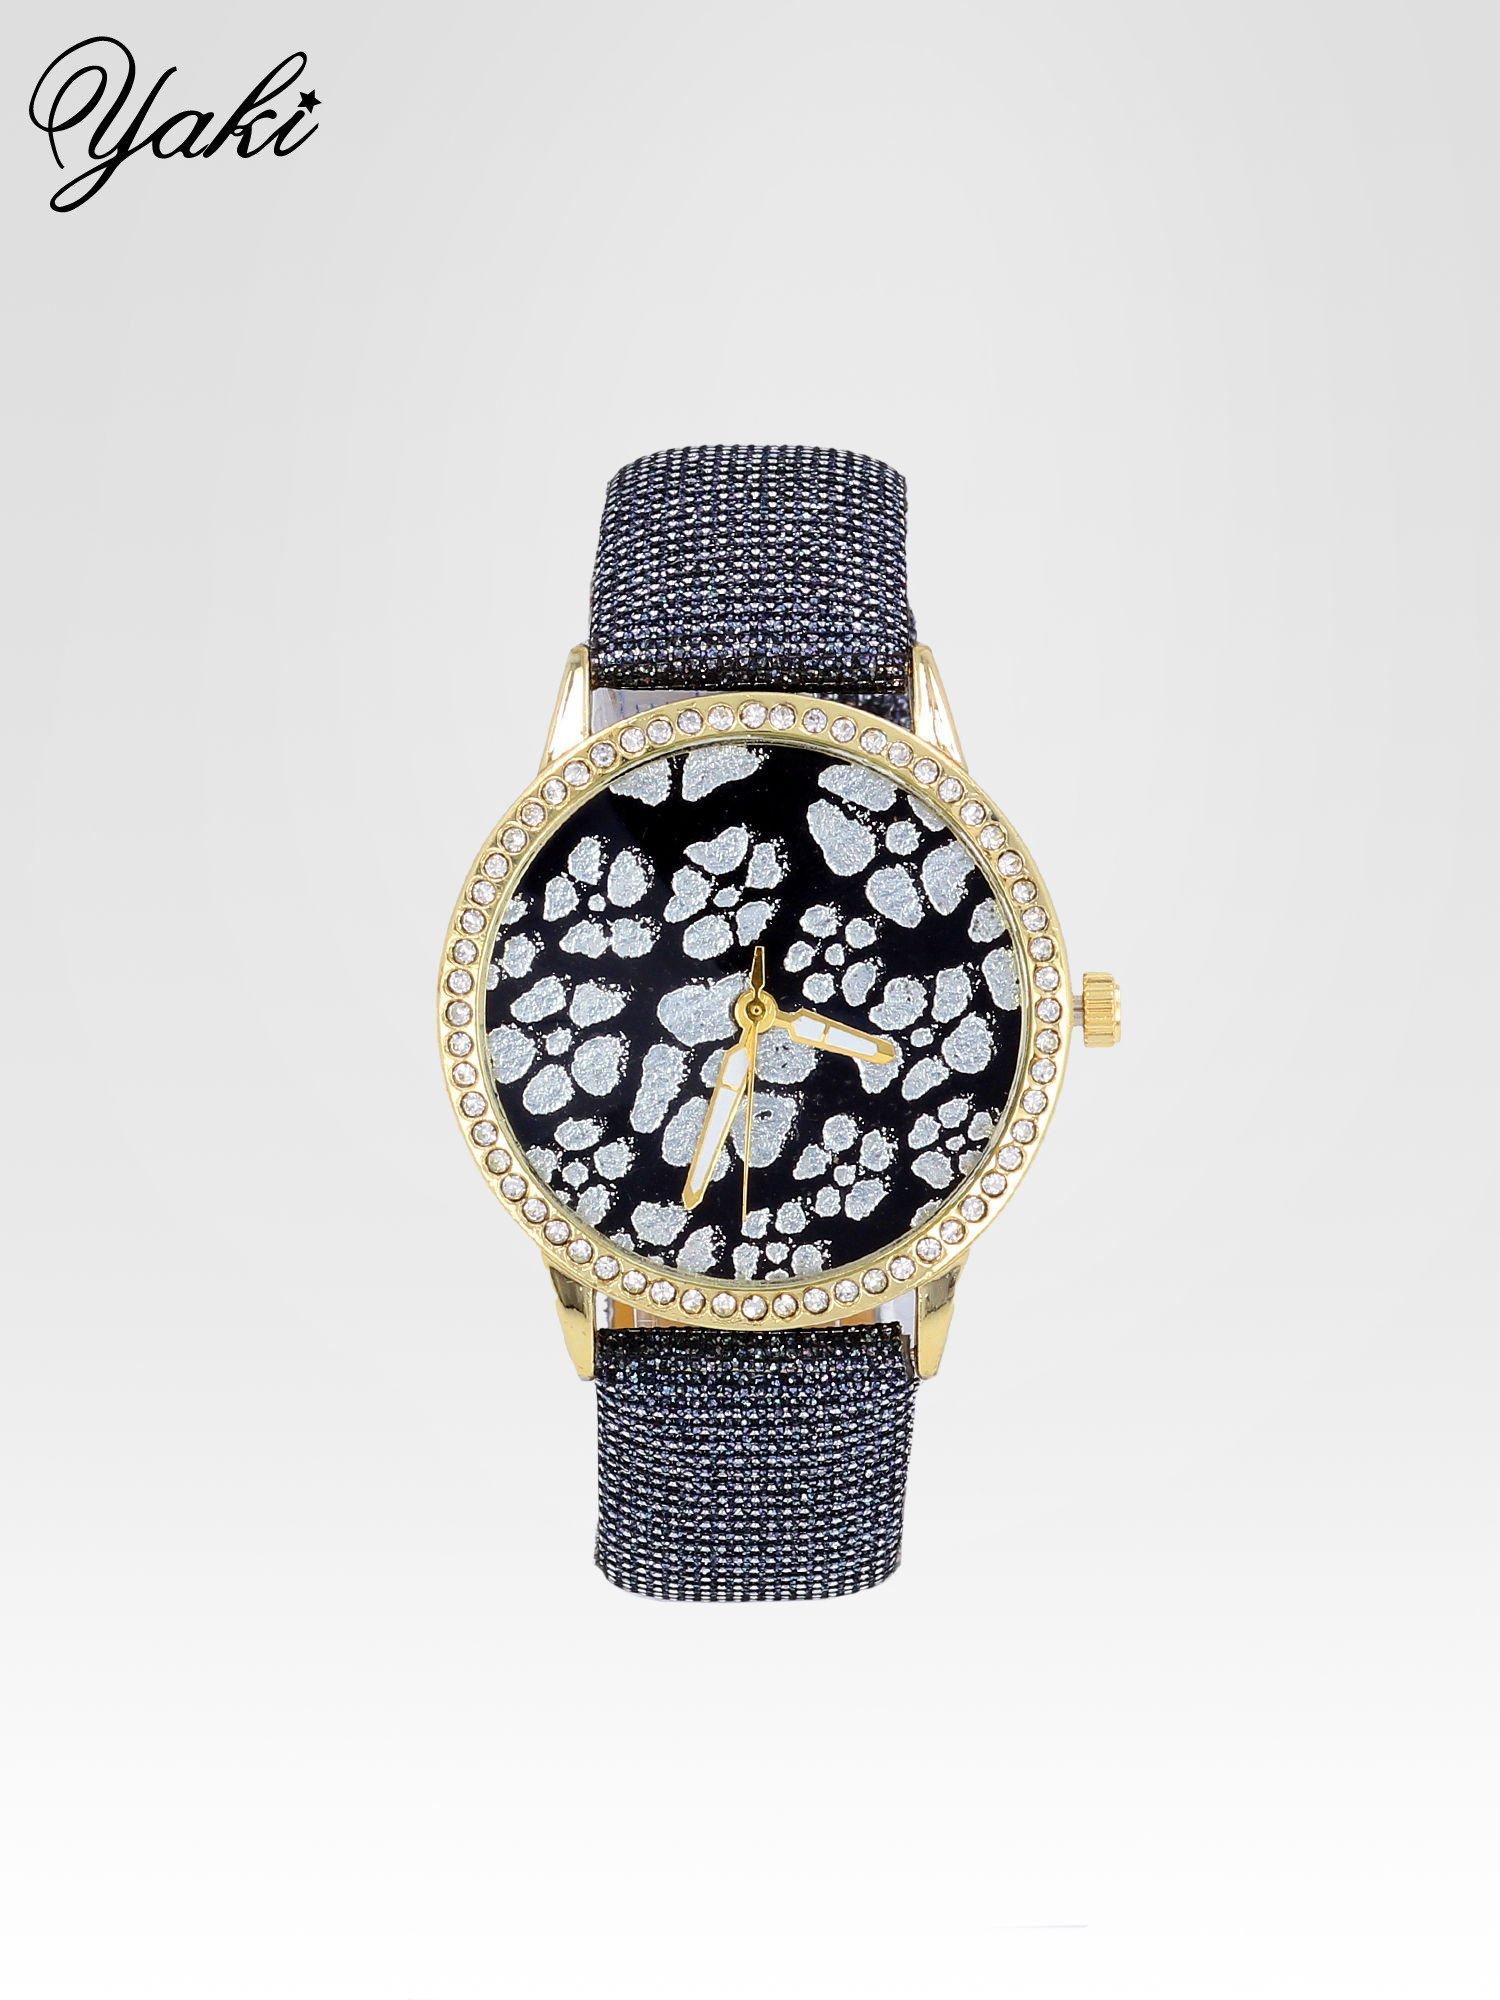 Srebrny zegarek damski na błyszczącym paski z cyrkoniami na kopercie                                  zdj.                                  1